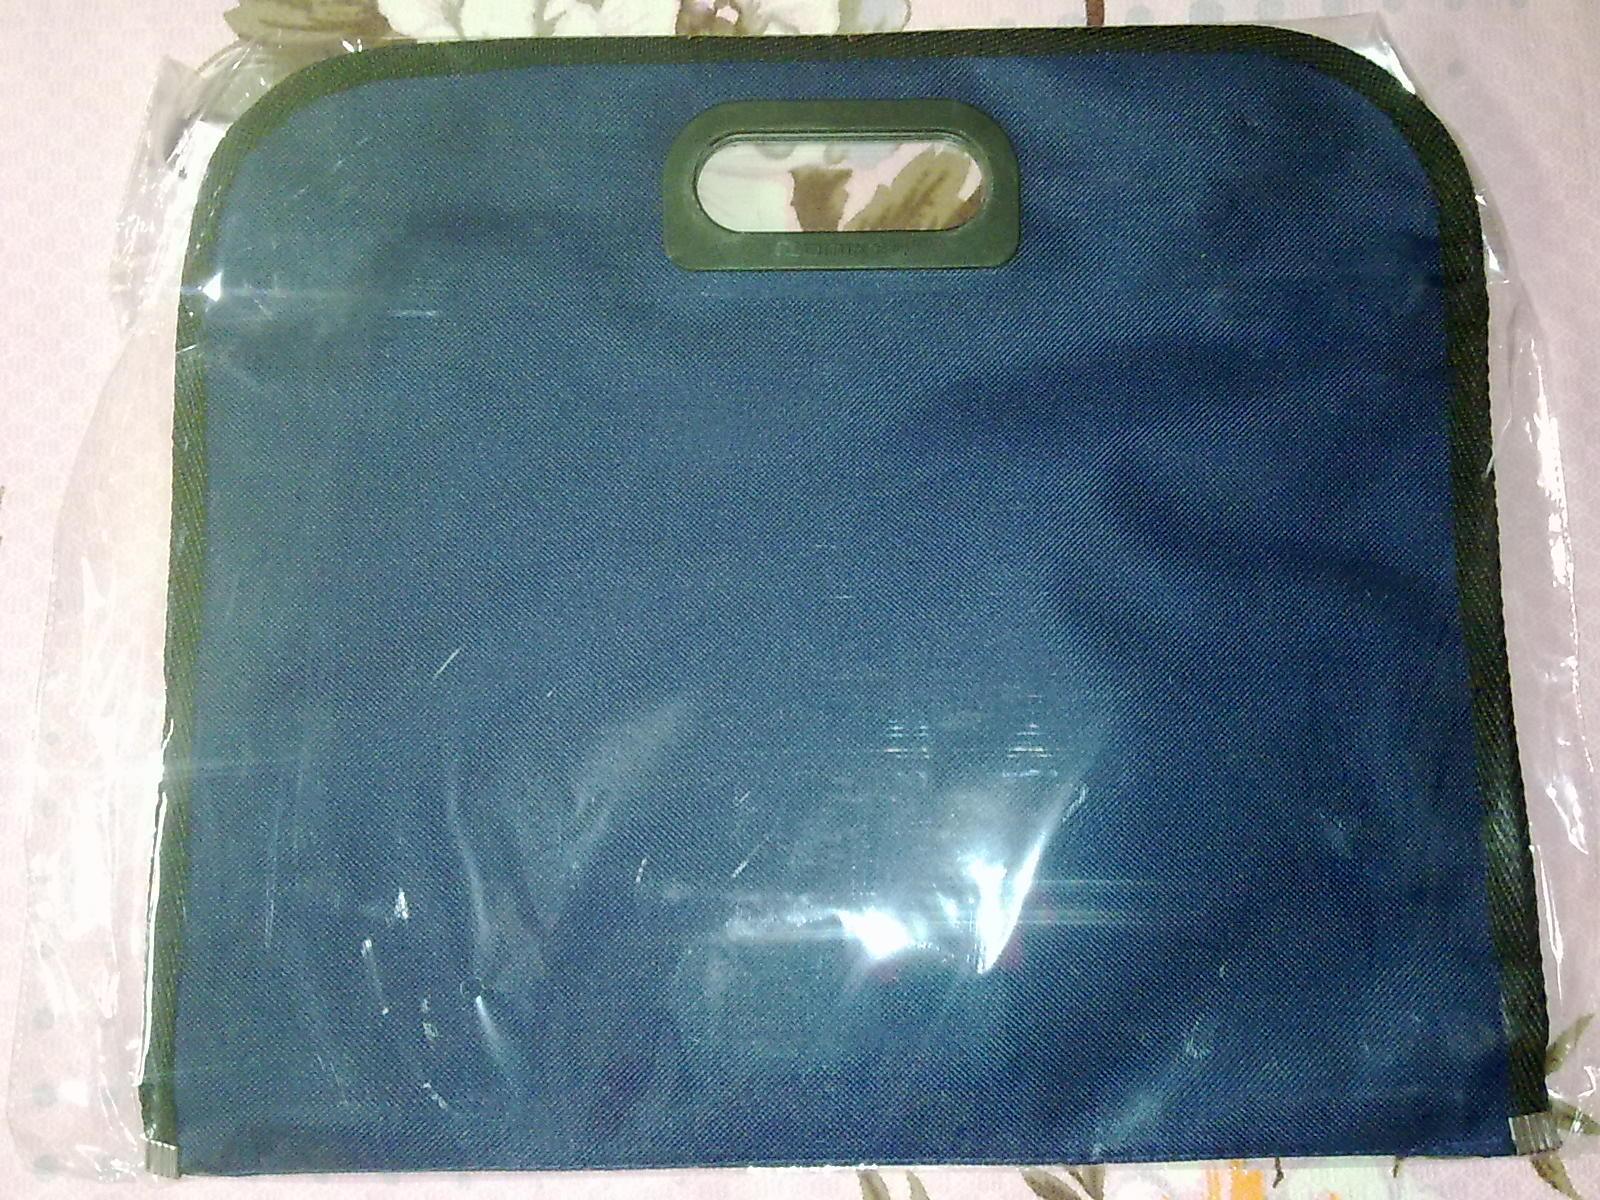 luxury bags 00225849 buy